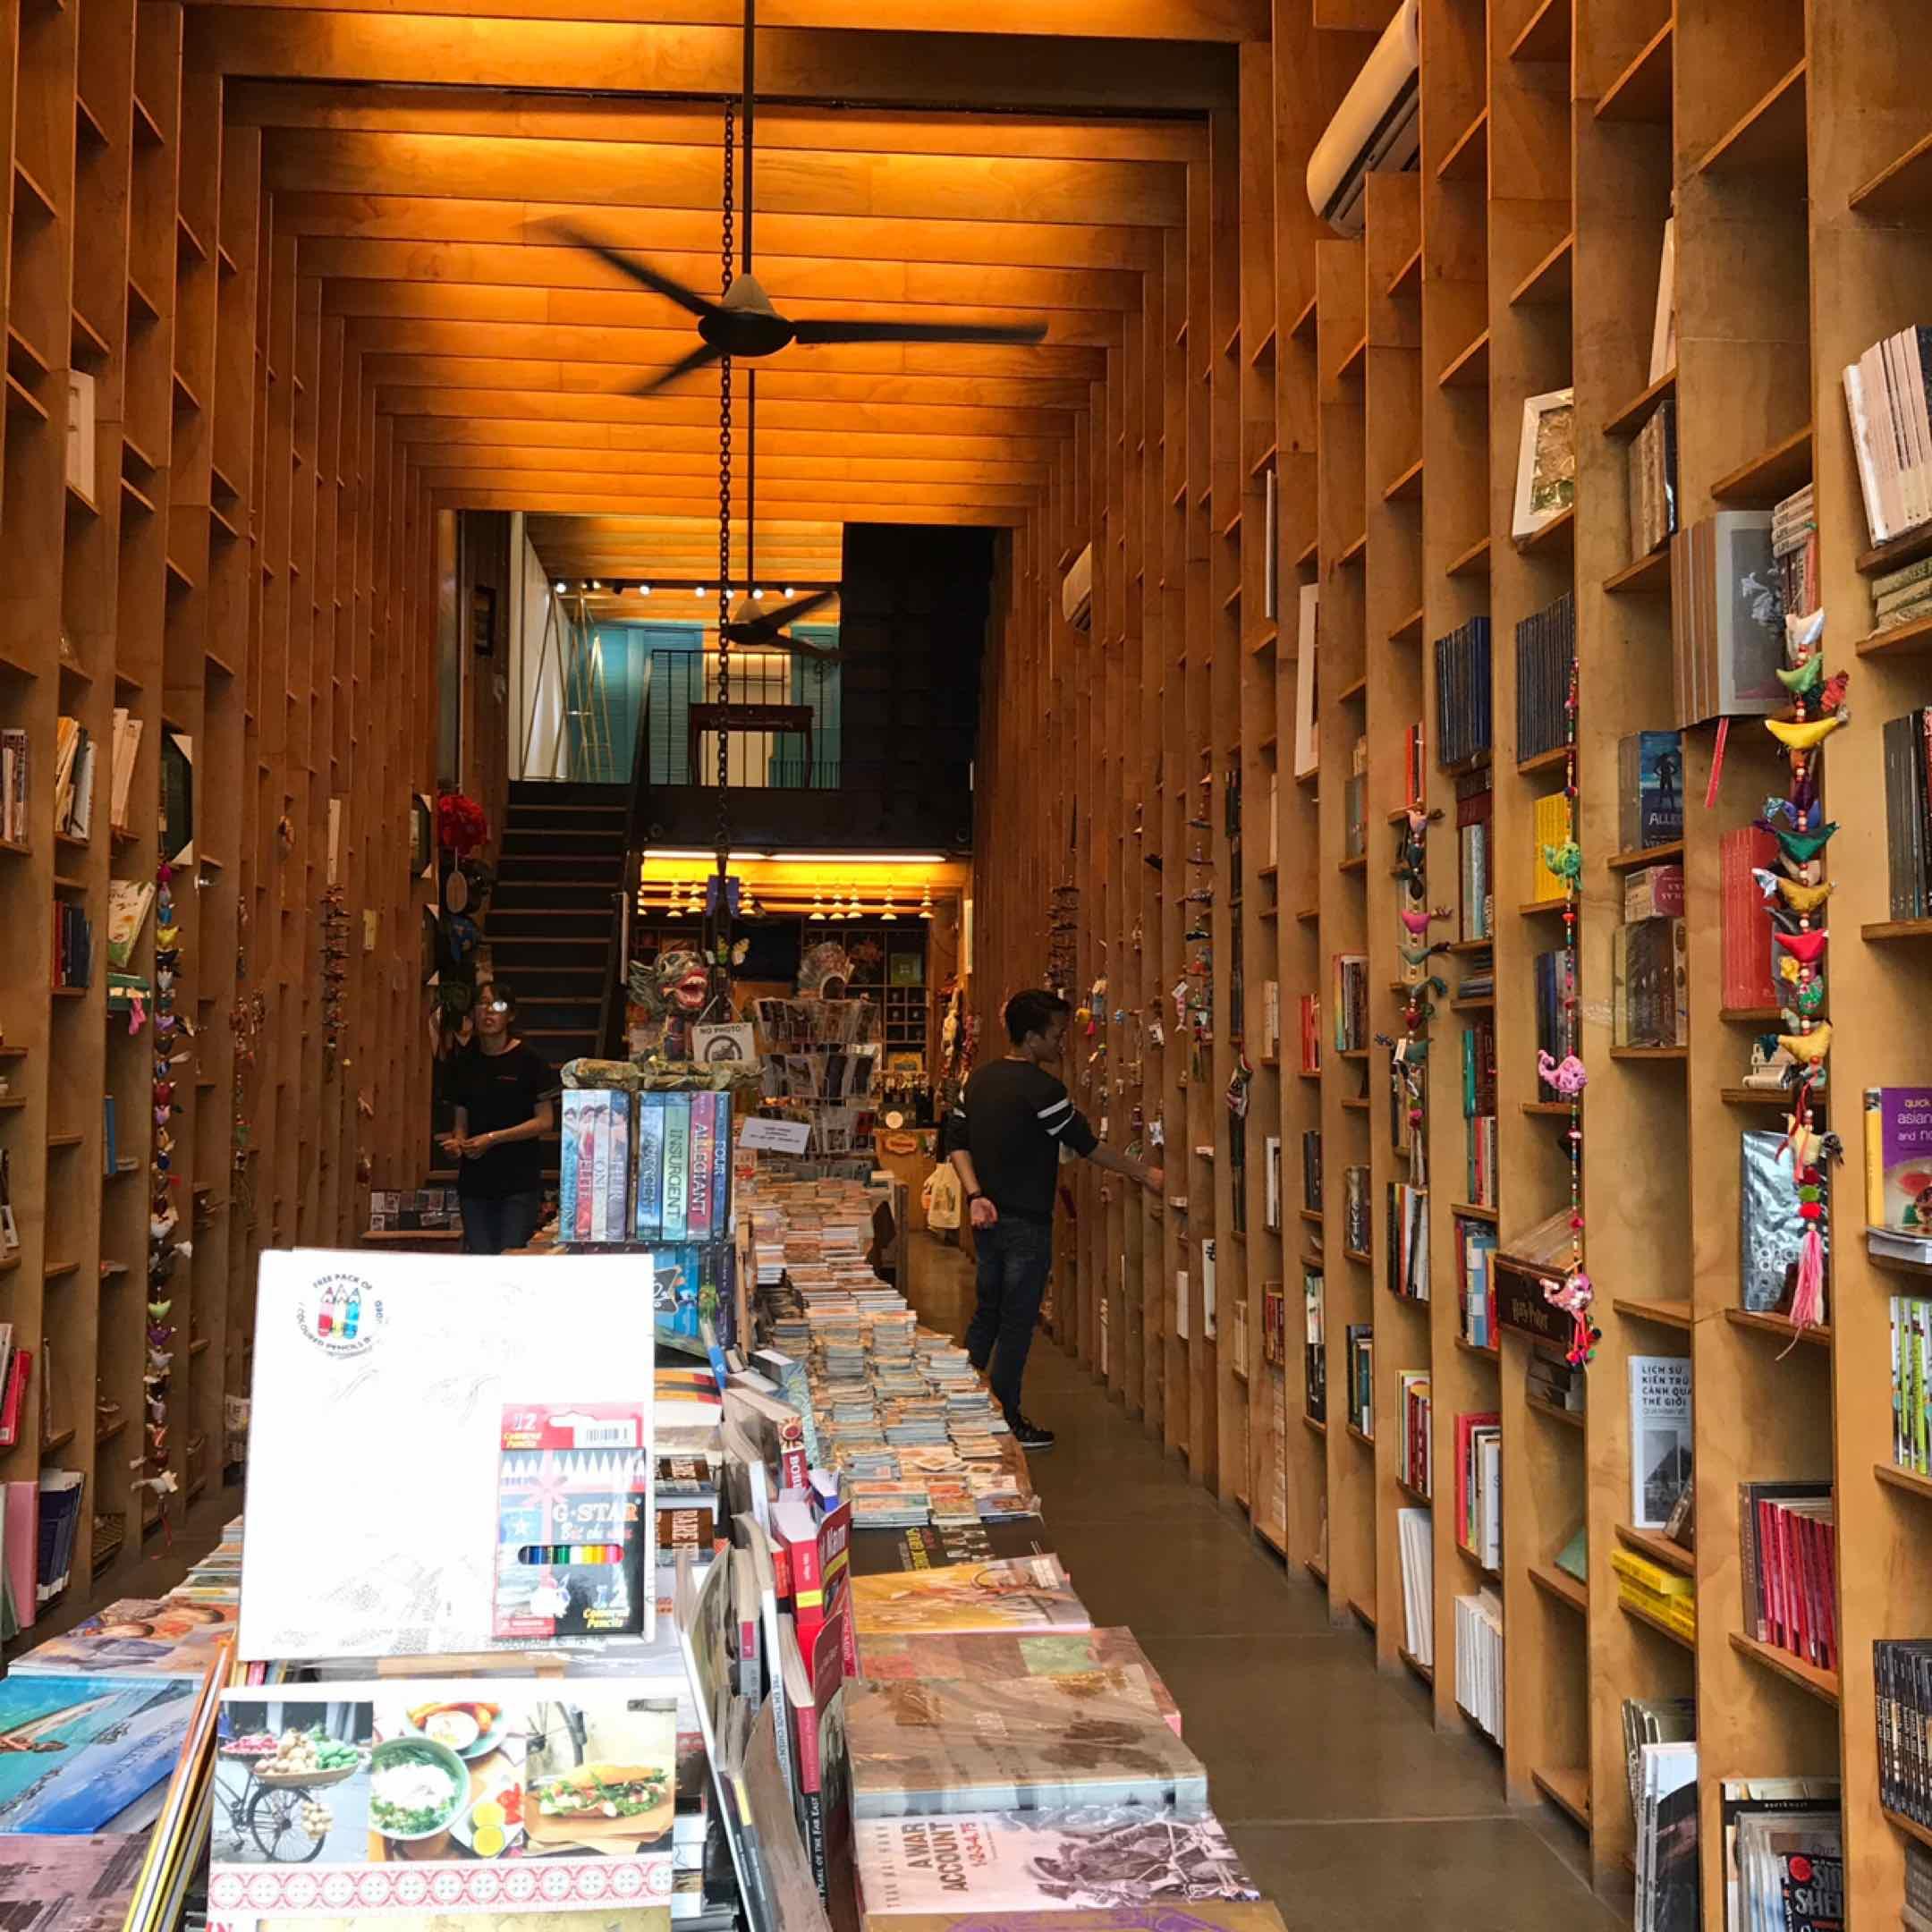 Alina Phạm - Từng một thời  mê một không gian sách đến như vậy.  Nơi chỉ gửi thấy mùi sách của những năm thập niên 70 - 80. ....  🤗 được một an